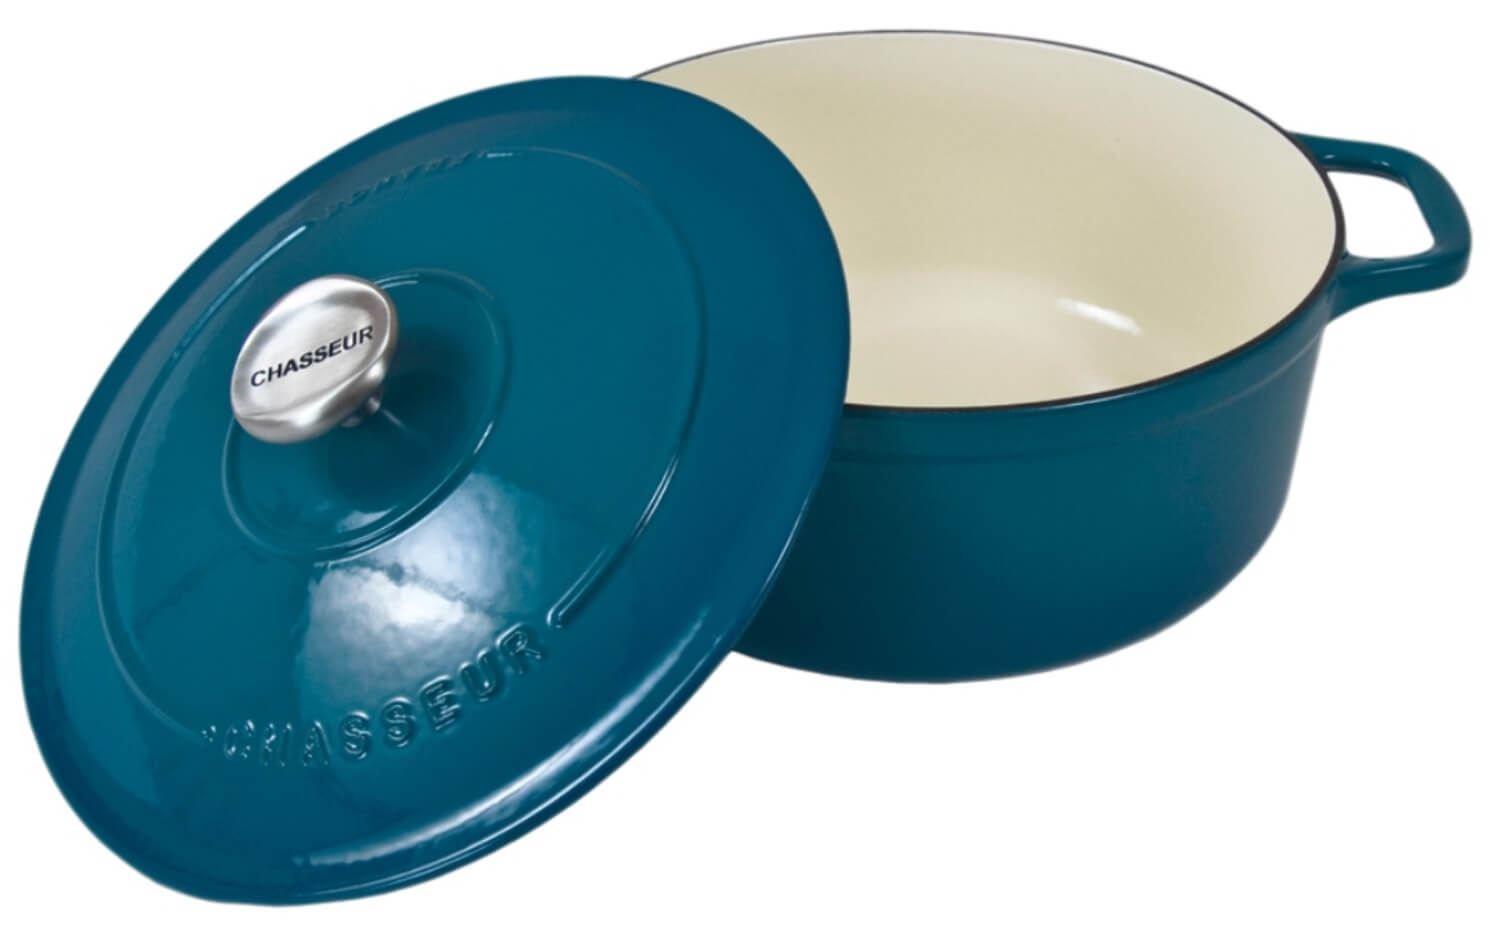 Онлайн каталог PROMENU: Кастрюля с крышкой Chasseur, объем 2,5 л, синяя Chasseur 472041